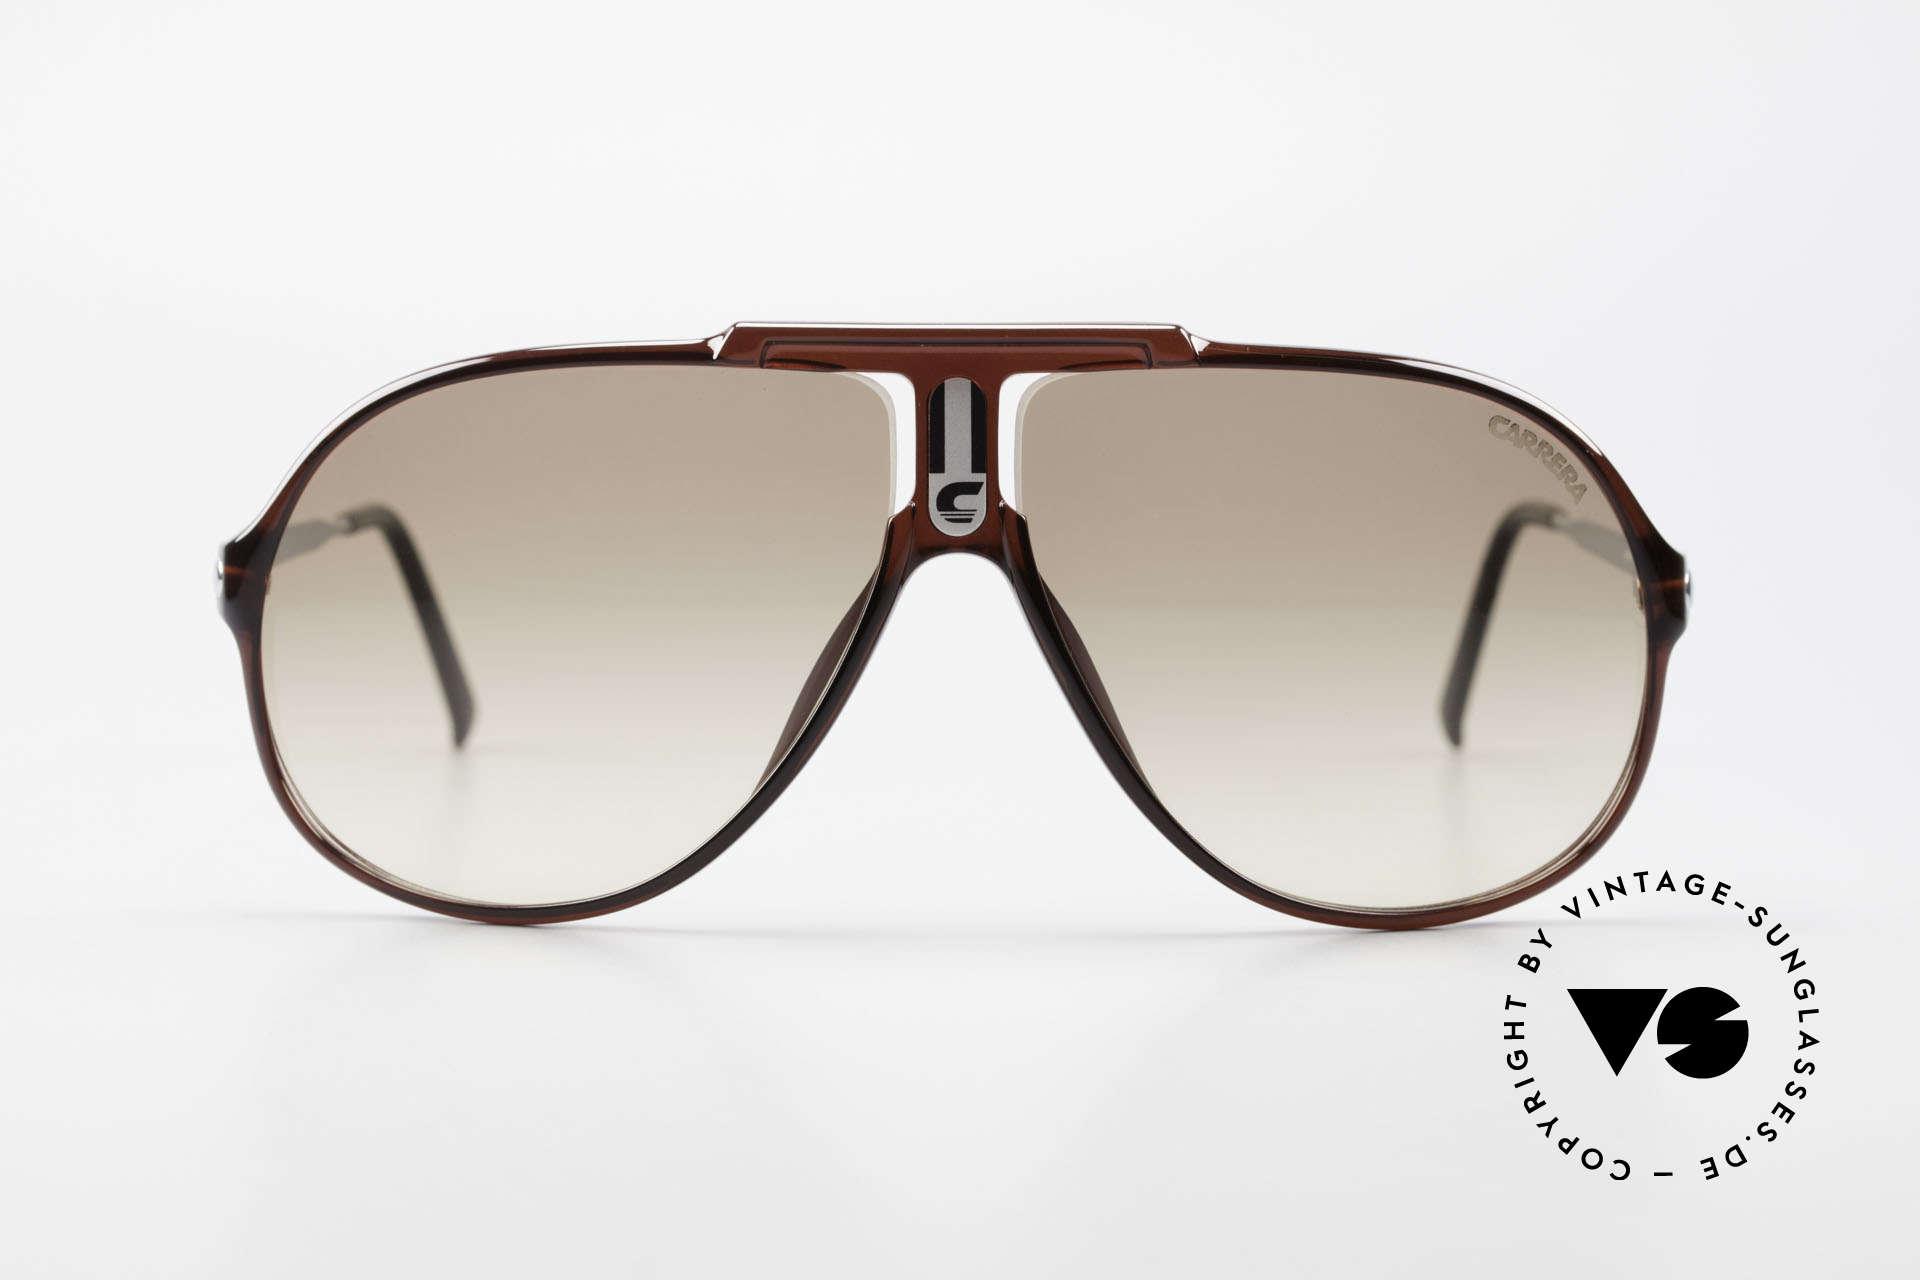 Carrera 5590 3 Sets Auswechselbare Gläser, aus extrem robusten und langlebigen OPTYL-Material, Passend für Herren